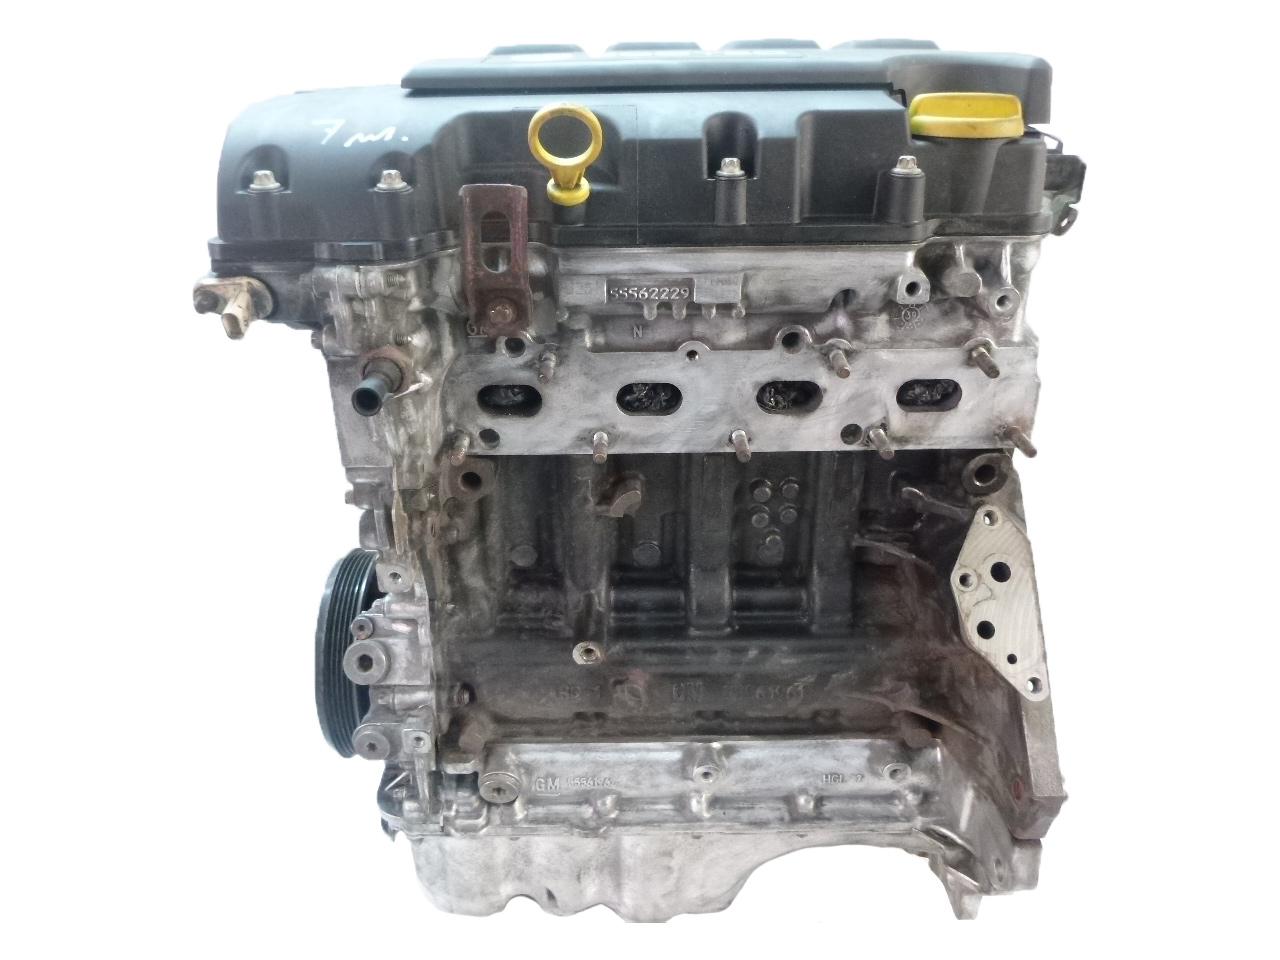 Motor Opel Chevrolet Corsa D Aveo 1,2 Benzin A12XER DE313178